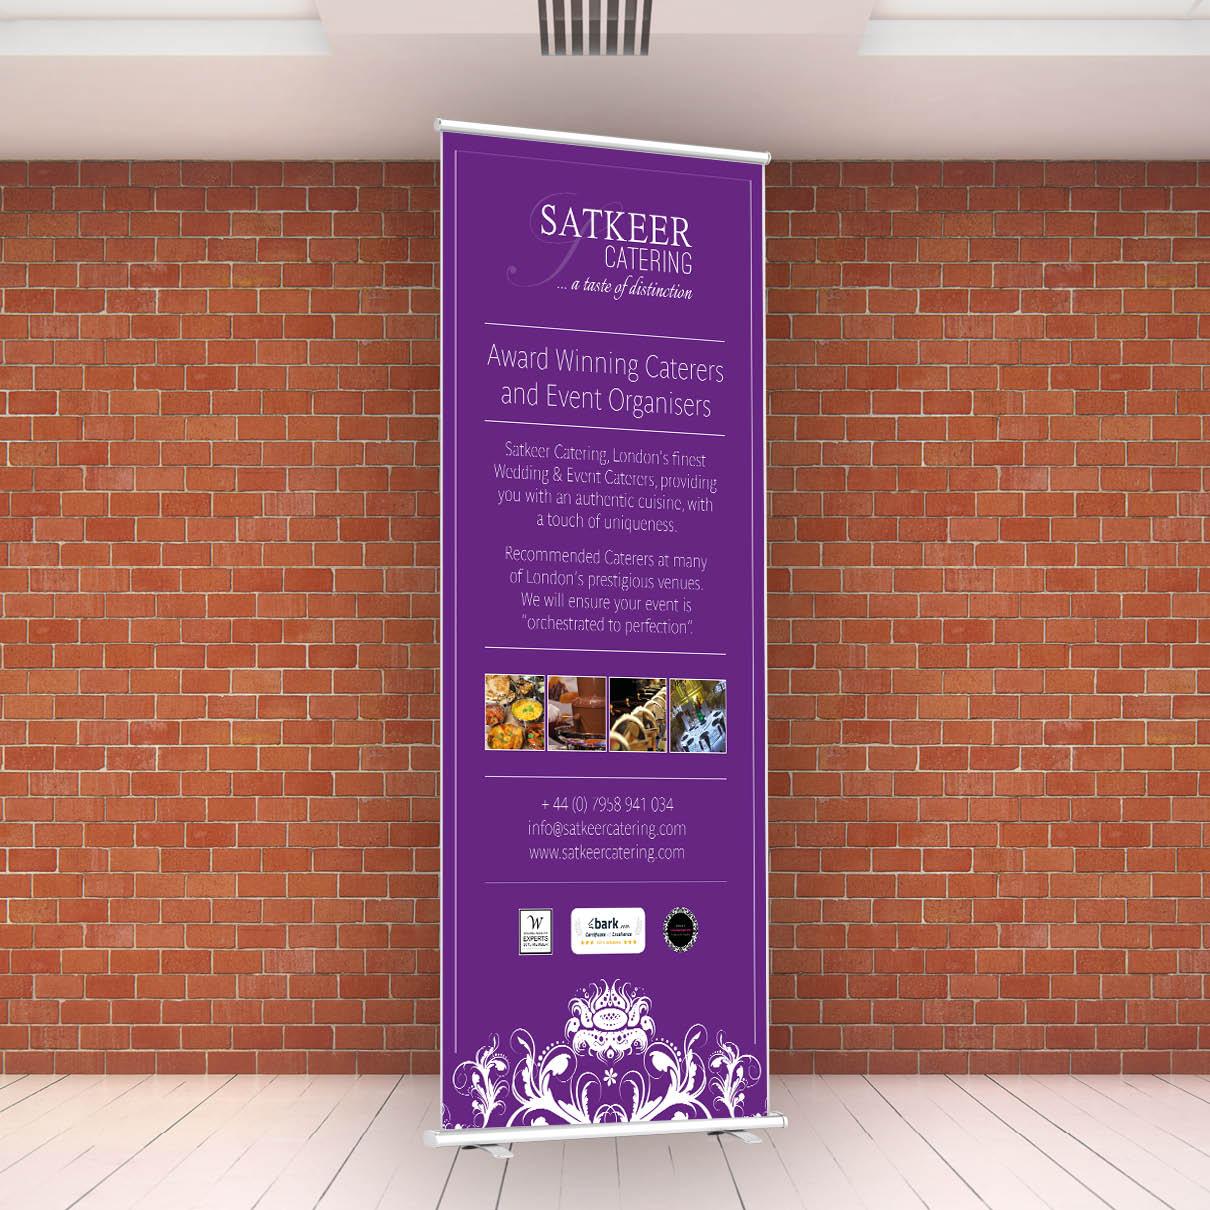 Satkeer-Banner-1